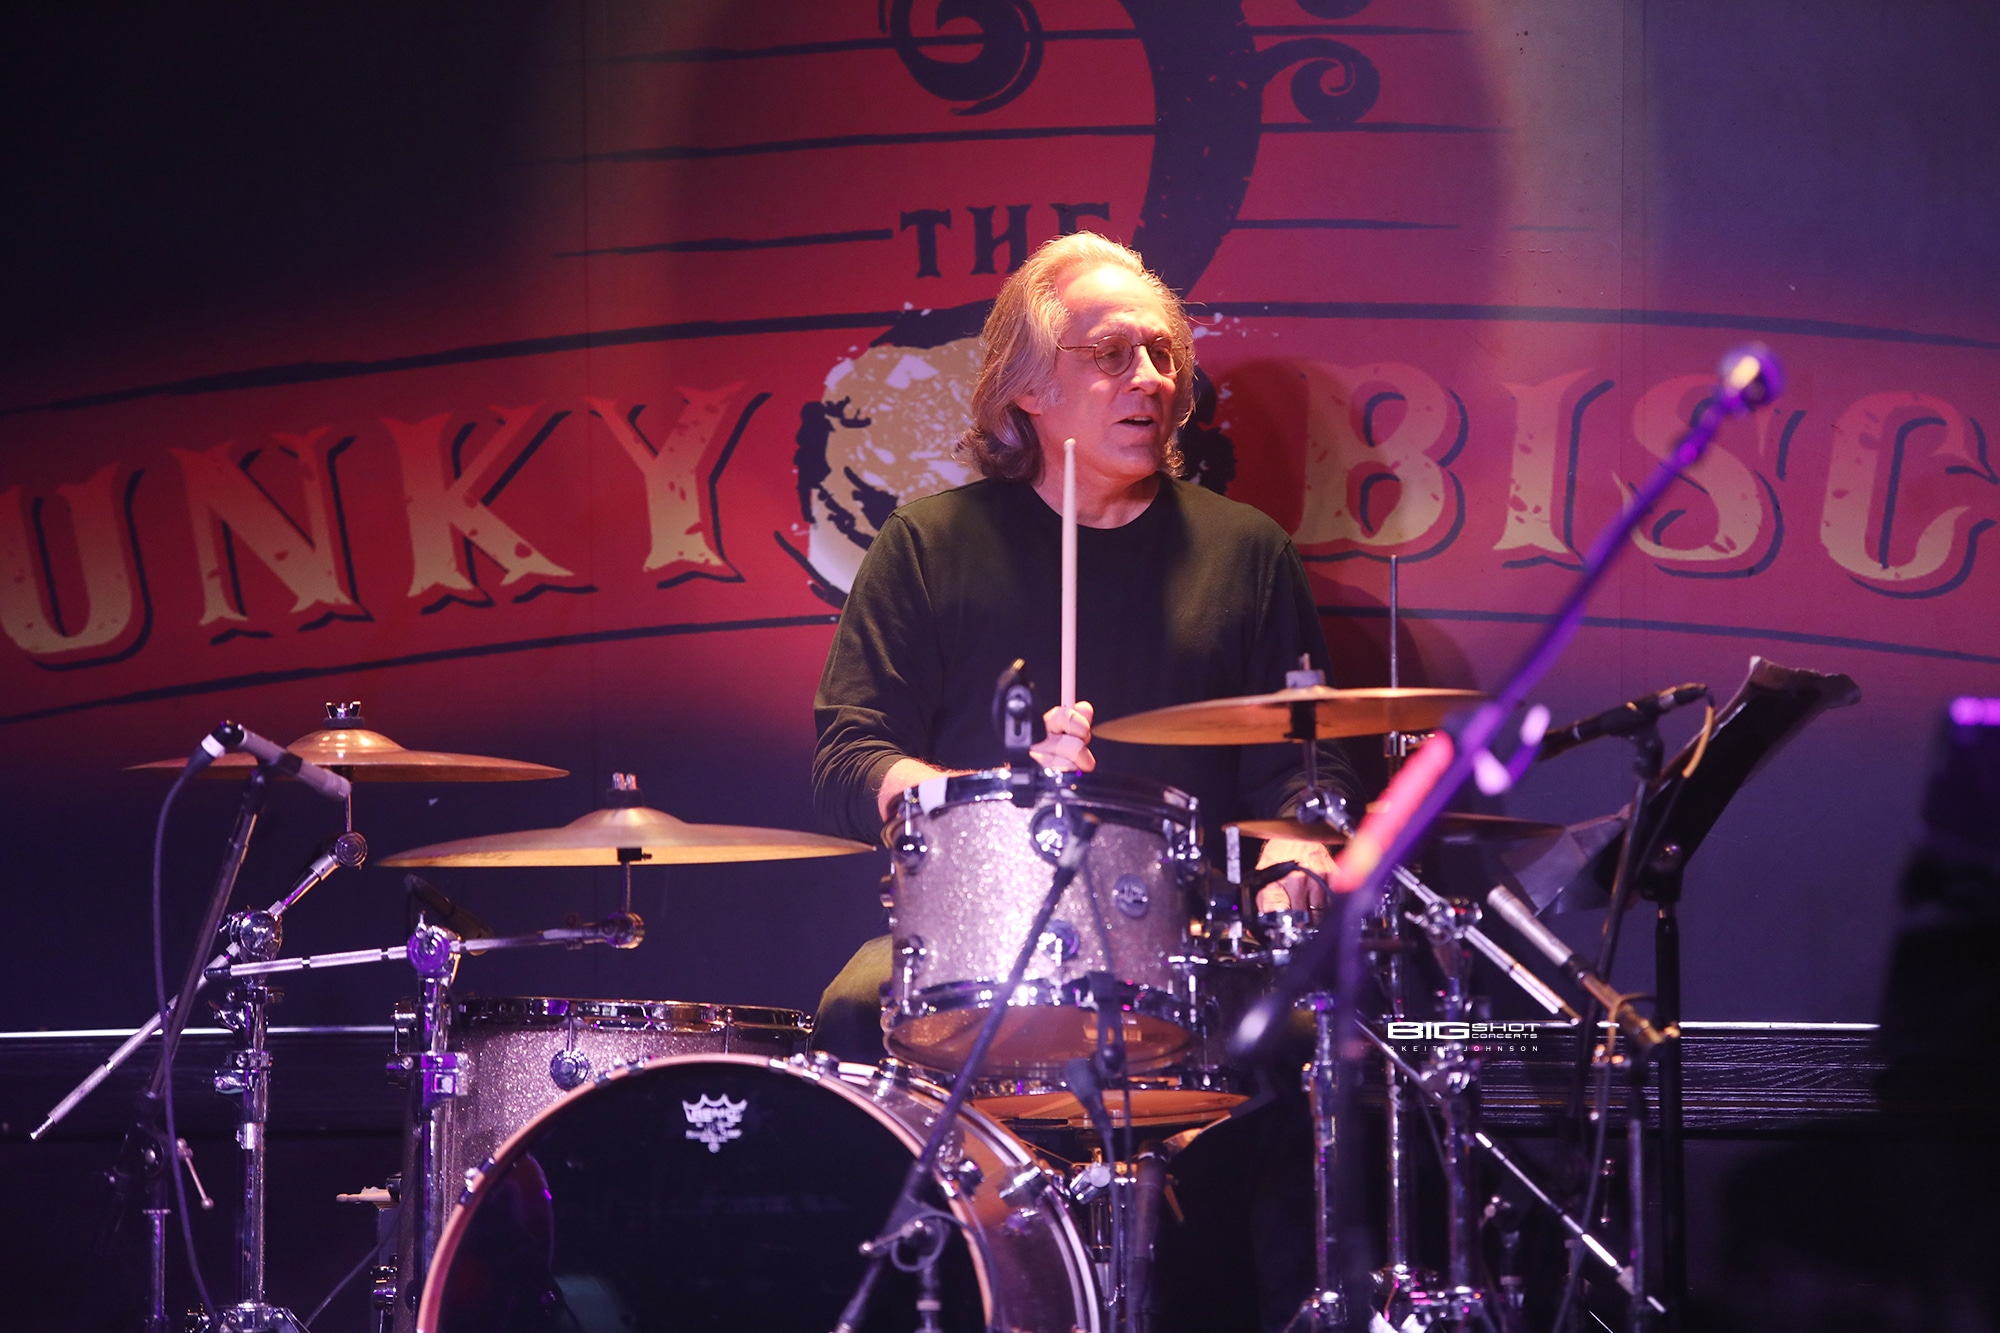 Drummer Max Weinberg